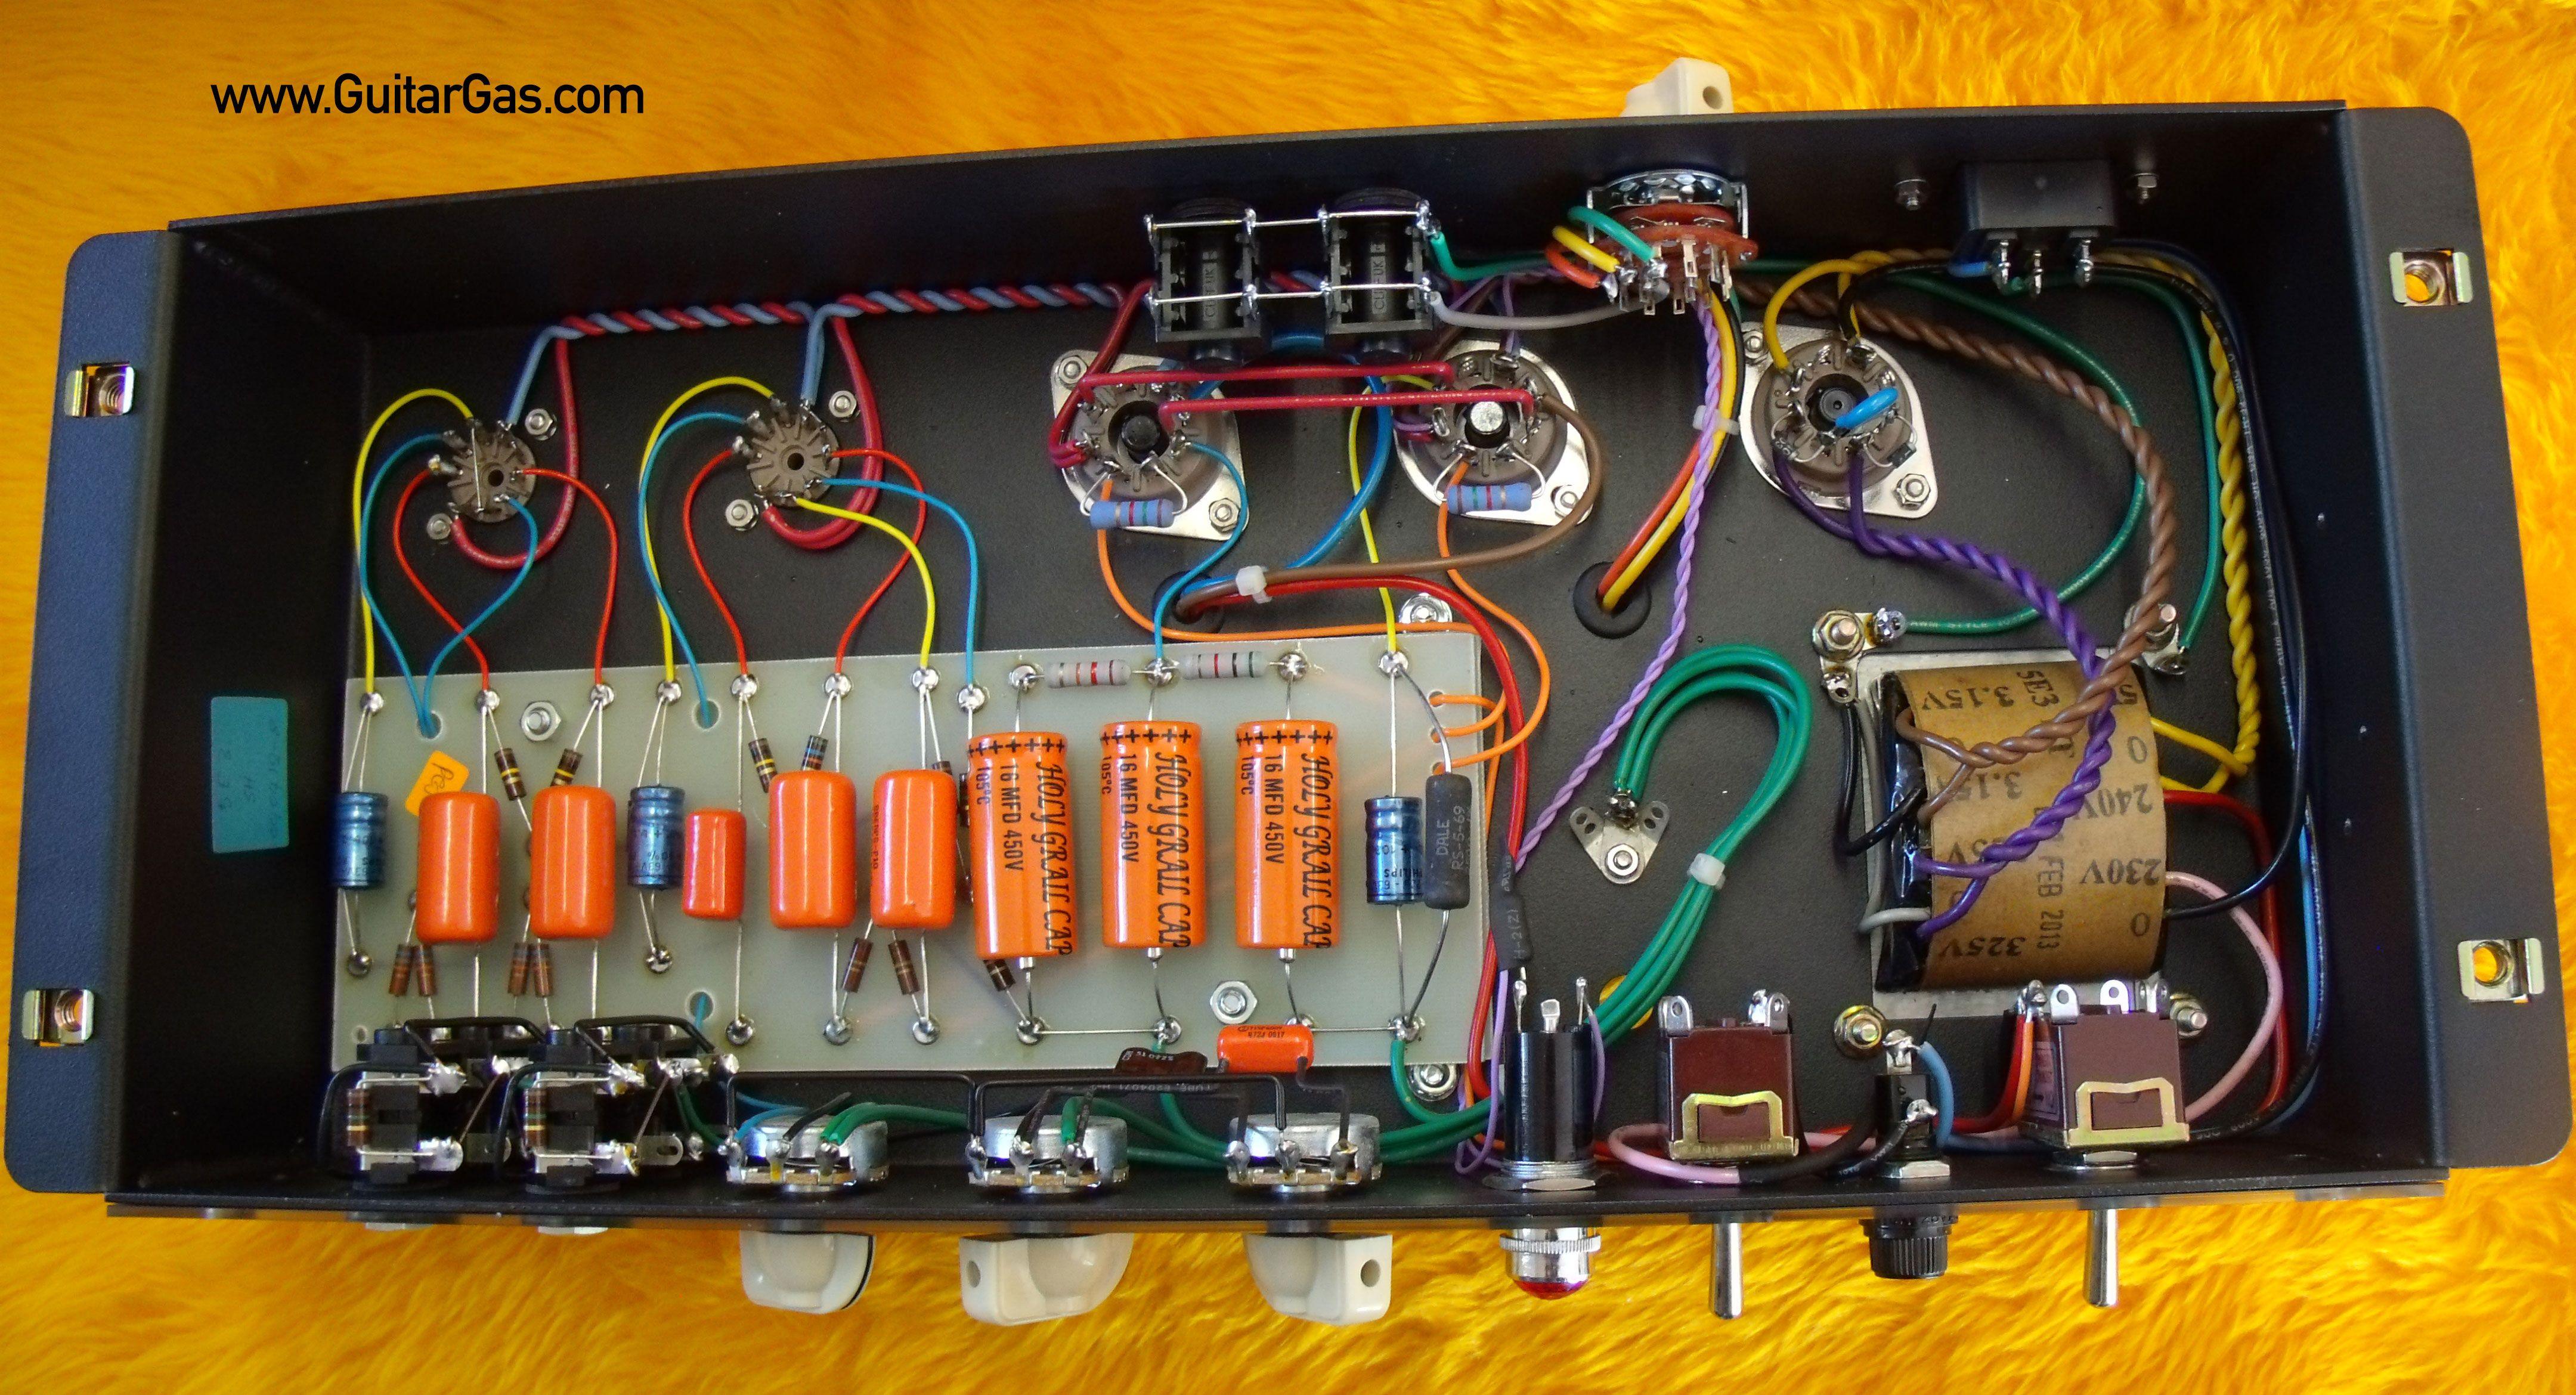 medium resolution of ceriatone 5e3 tweed deluxe circuit